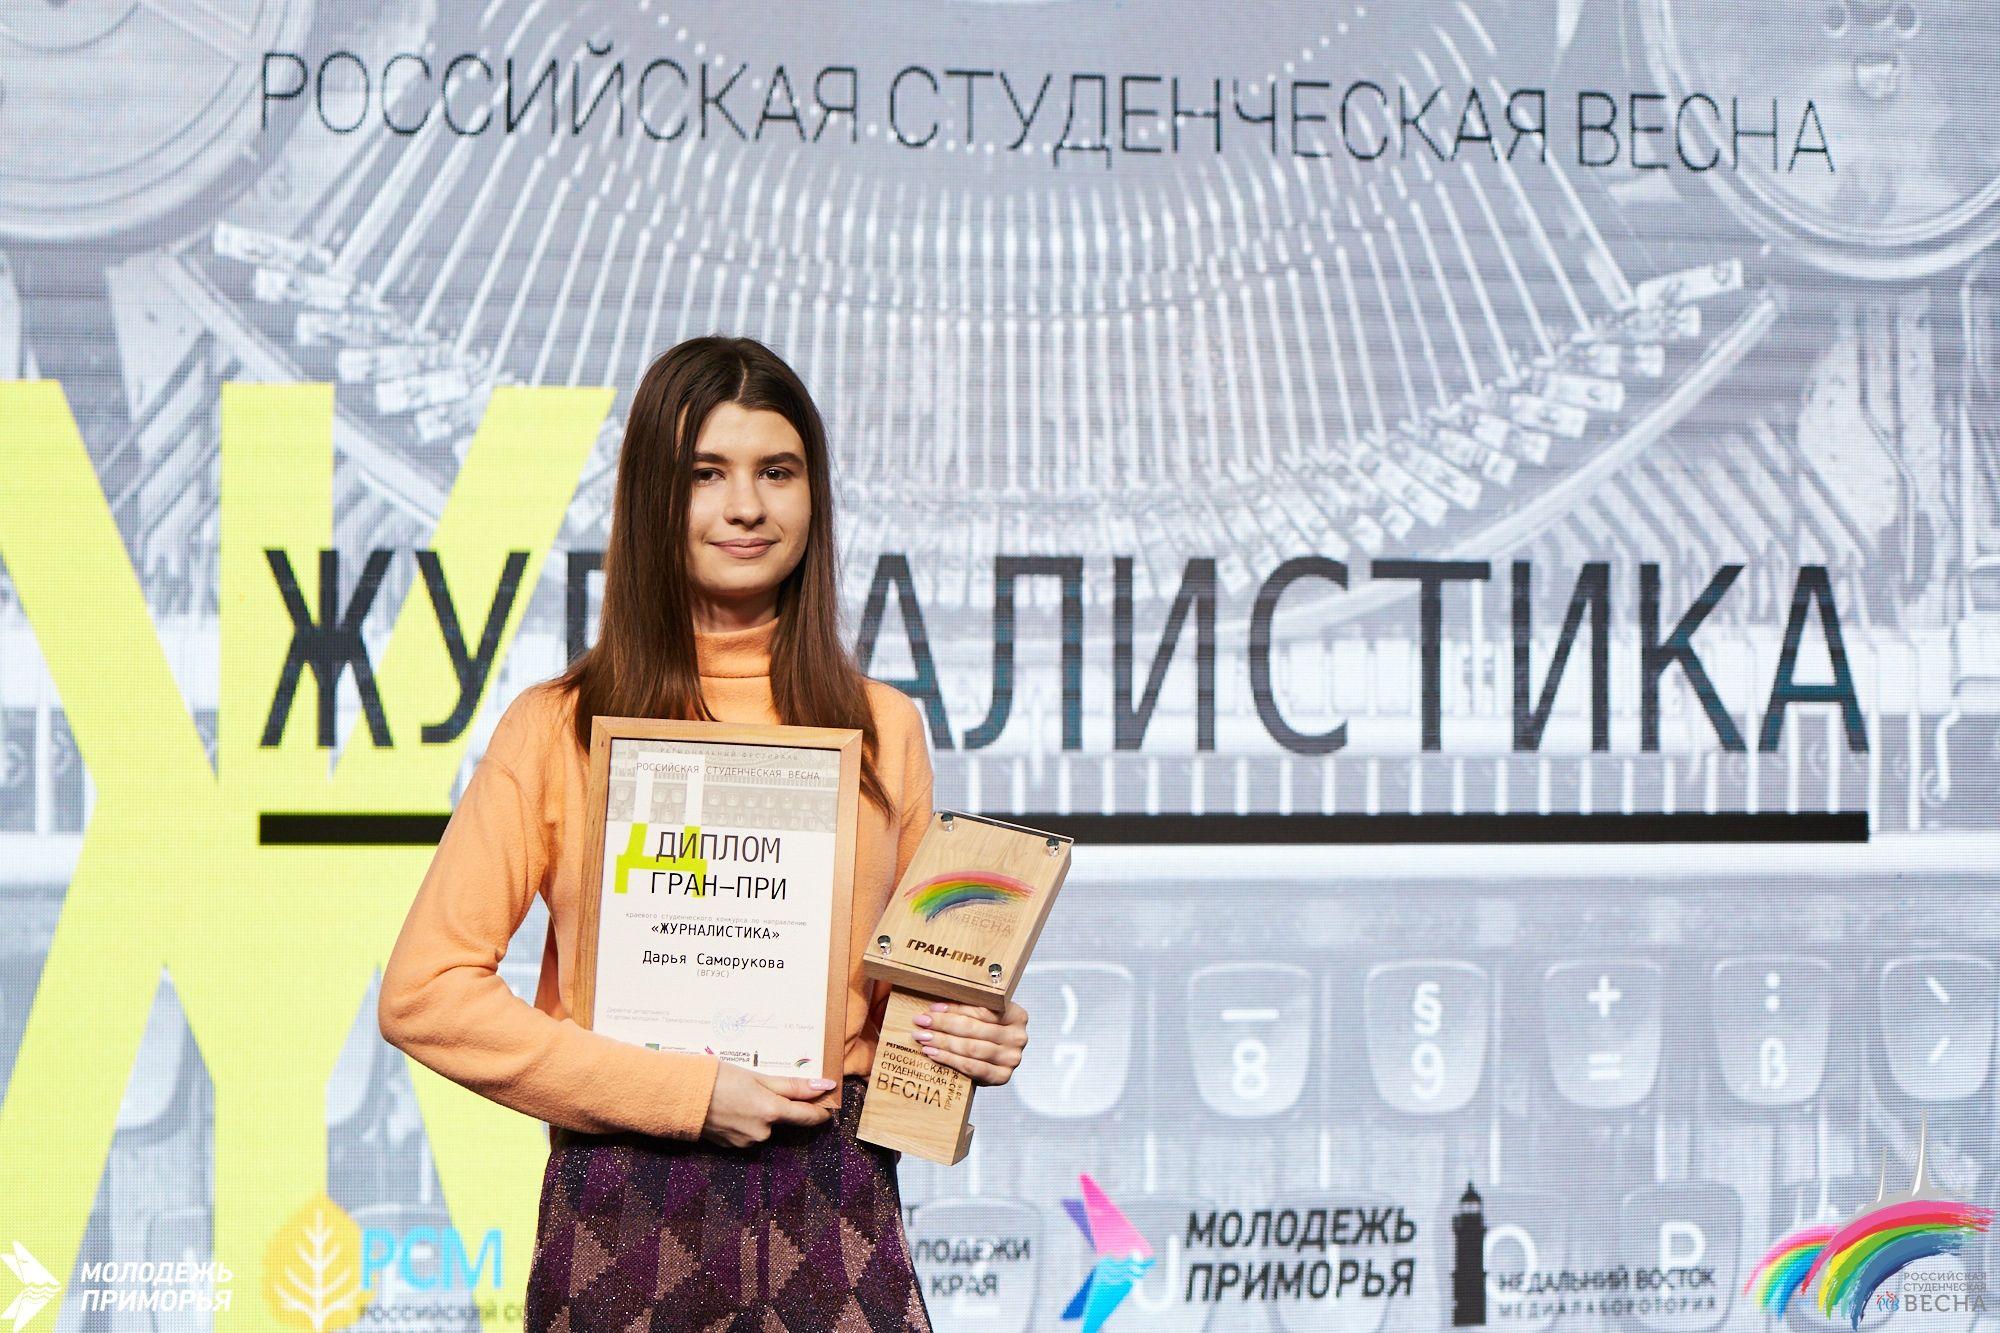 Лучшие в журналистике: студенты ВГУЭС забрали первые места и гран-при на фестивале «Российская студенческая весна»